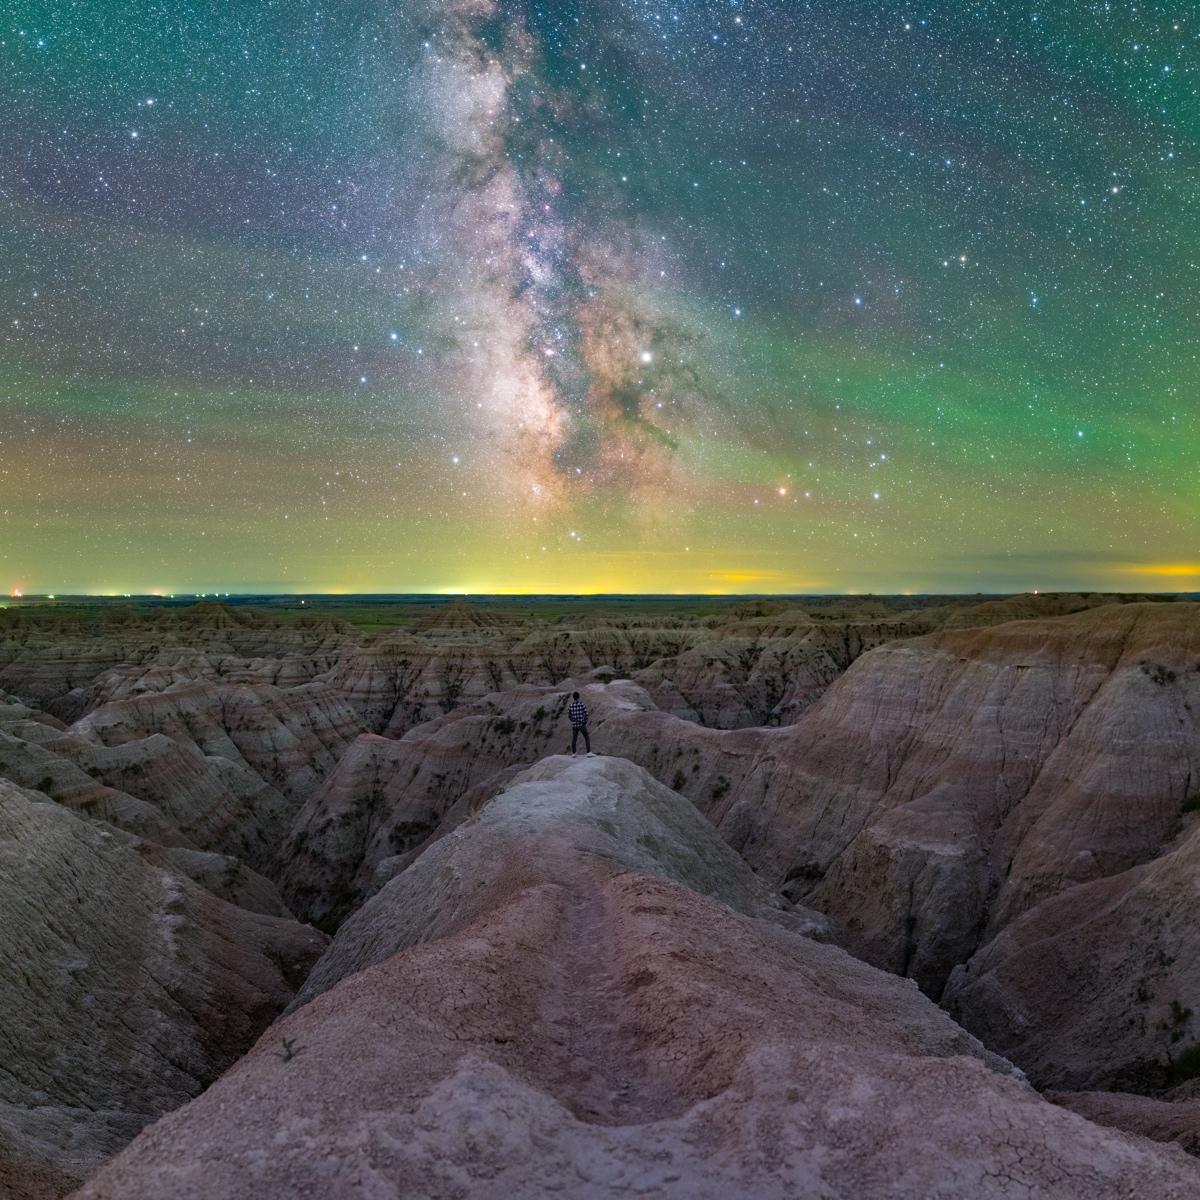 Захватывающий шорт-лист лучших астрономических фотографий года list14